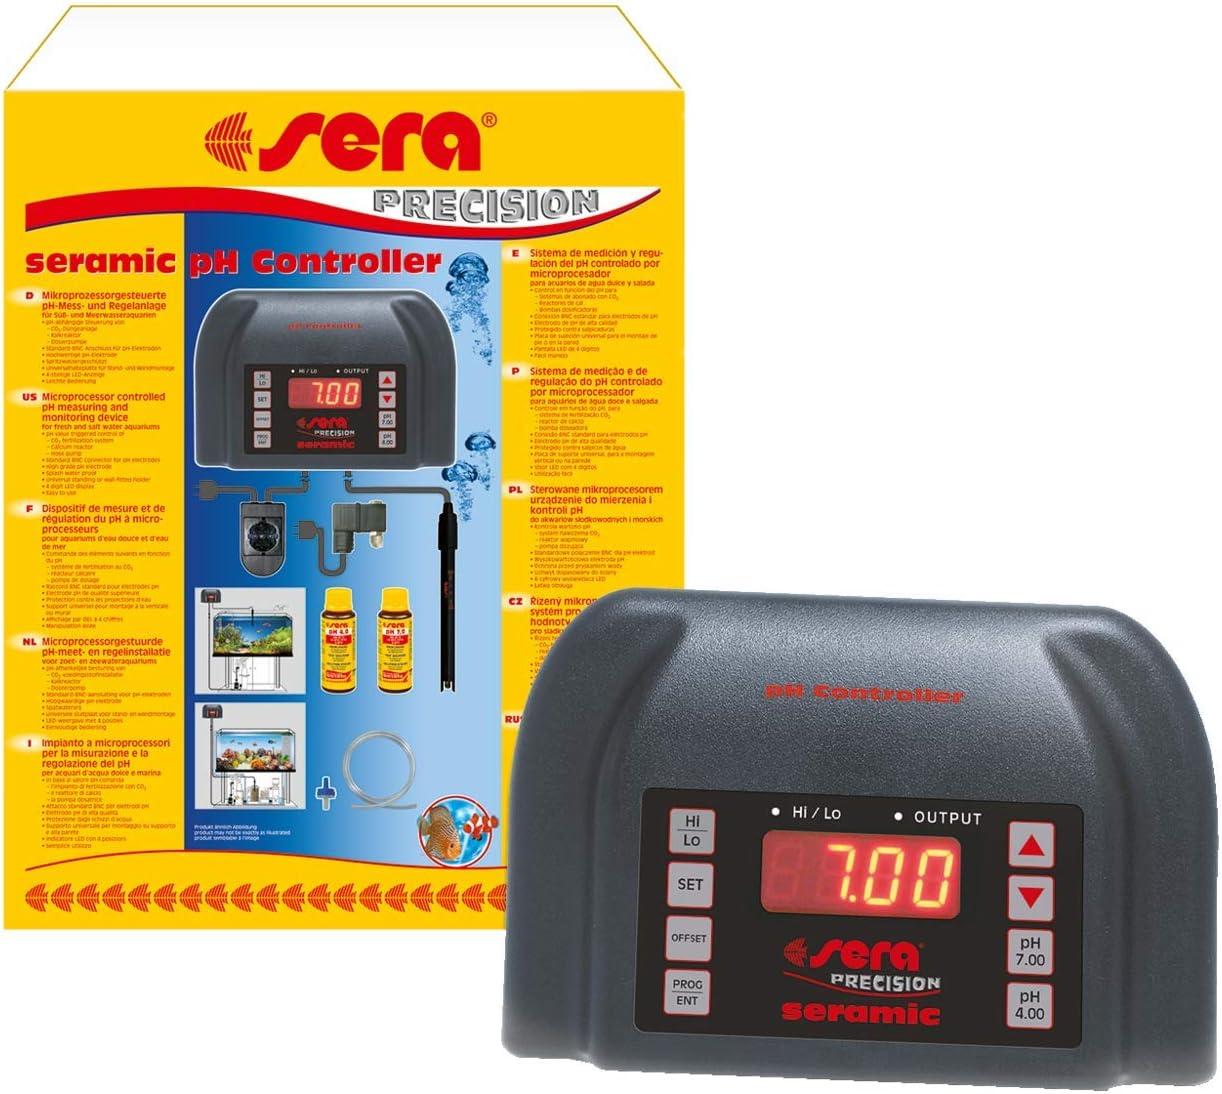 Controlador de pH seramic.